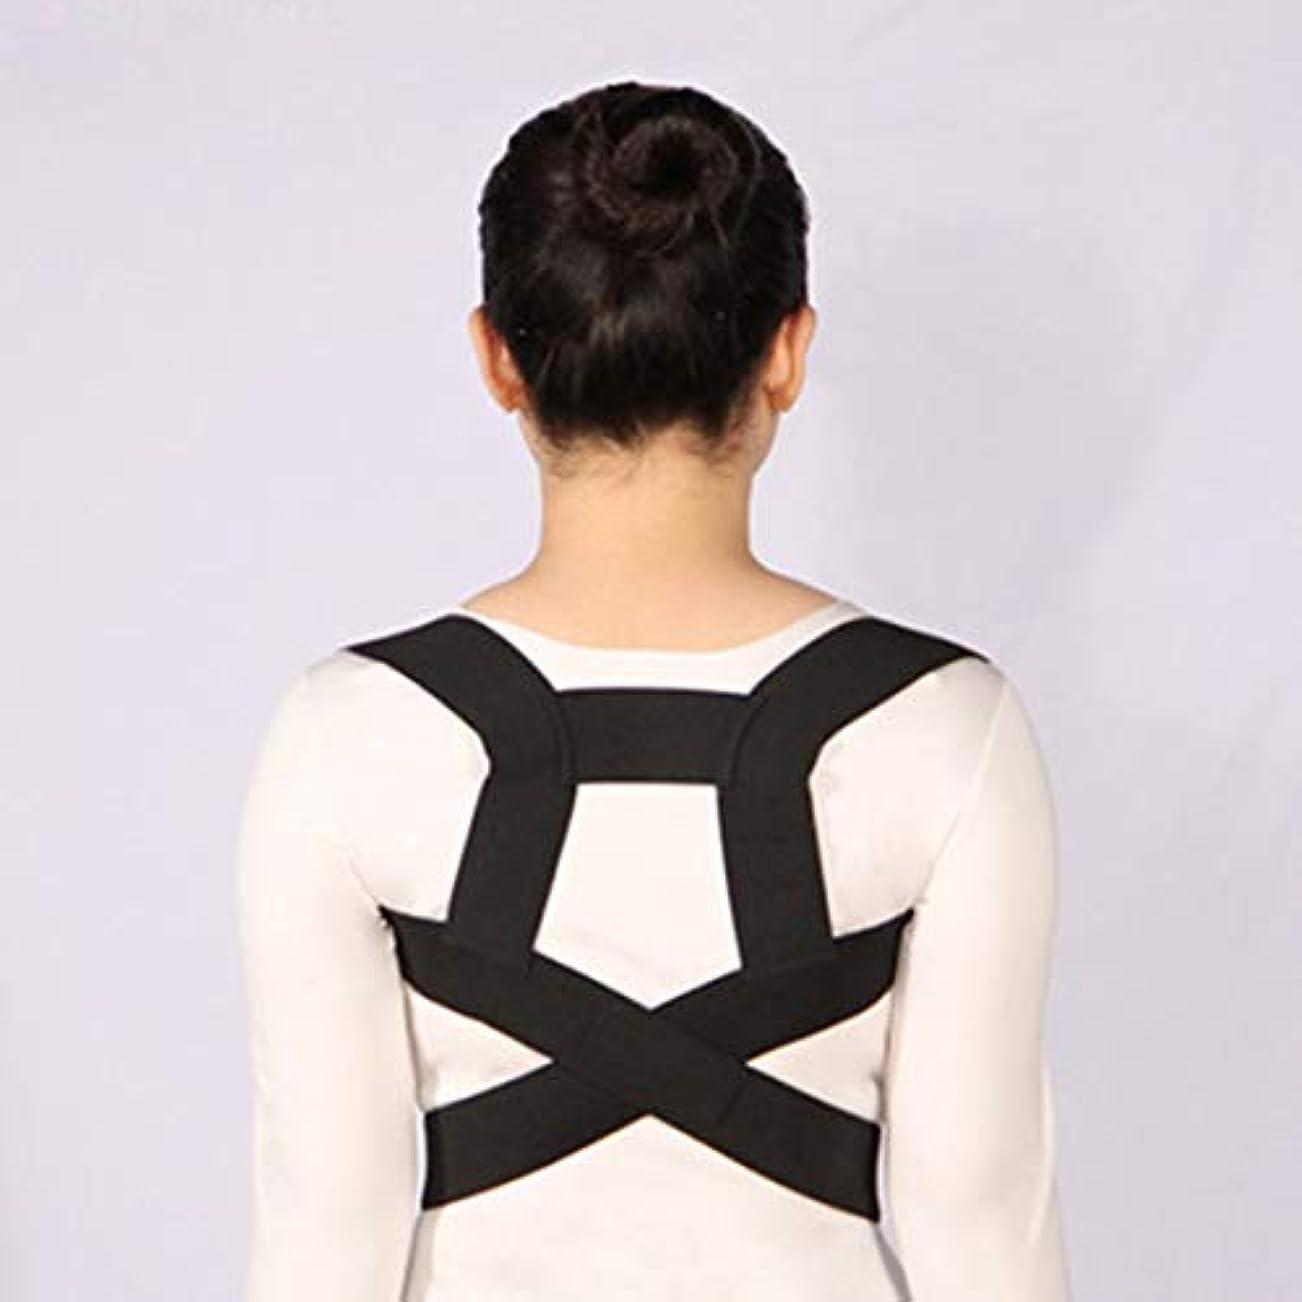 ハンマーパイント統治する姿勢矯正側弯症ザトウクジラ補正ベルト調節可能な快適さ目に見えないベルト男性女性大人シンプル - 黒